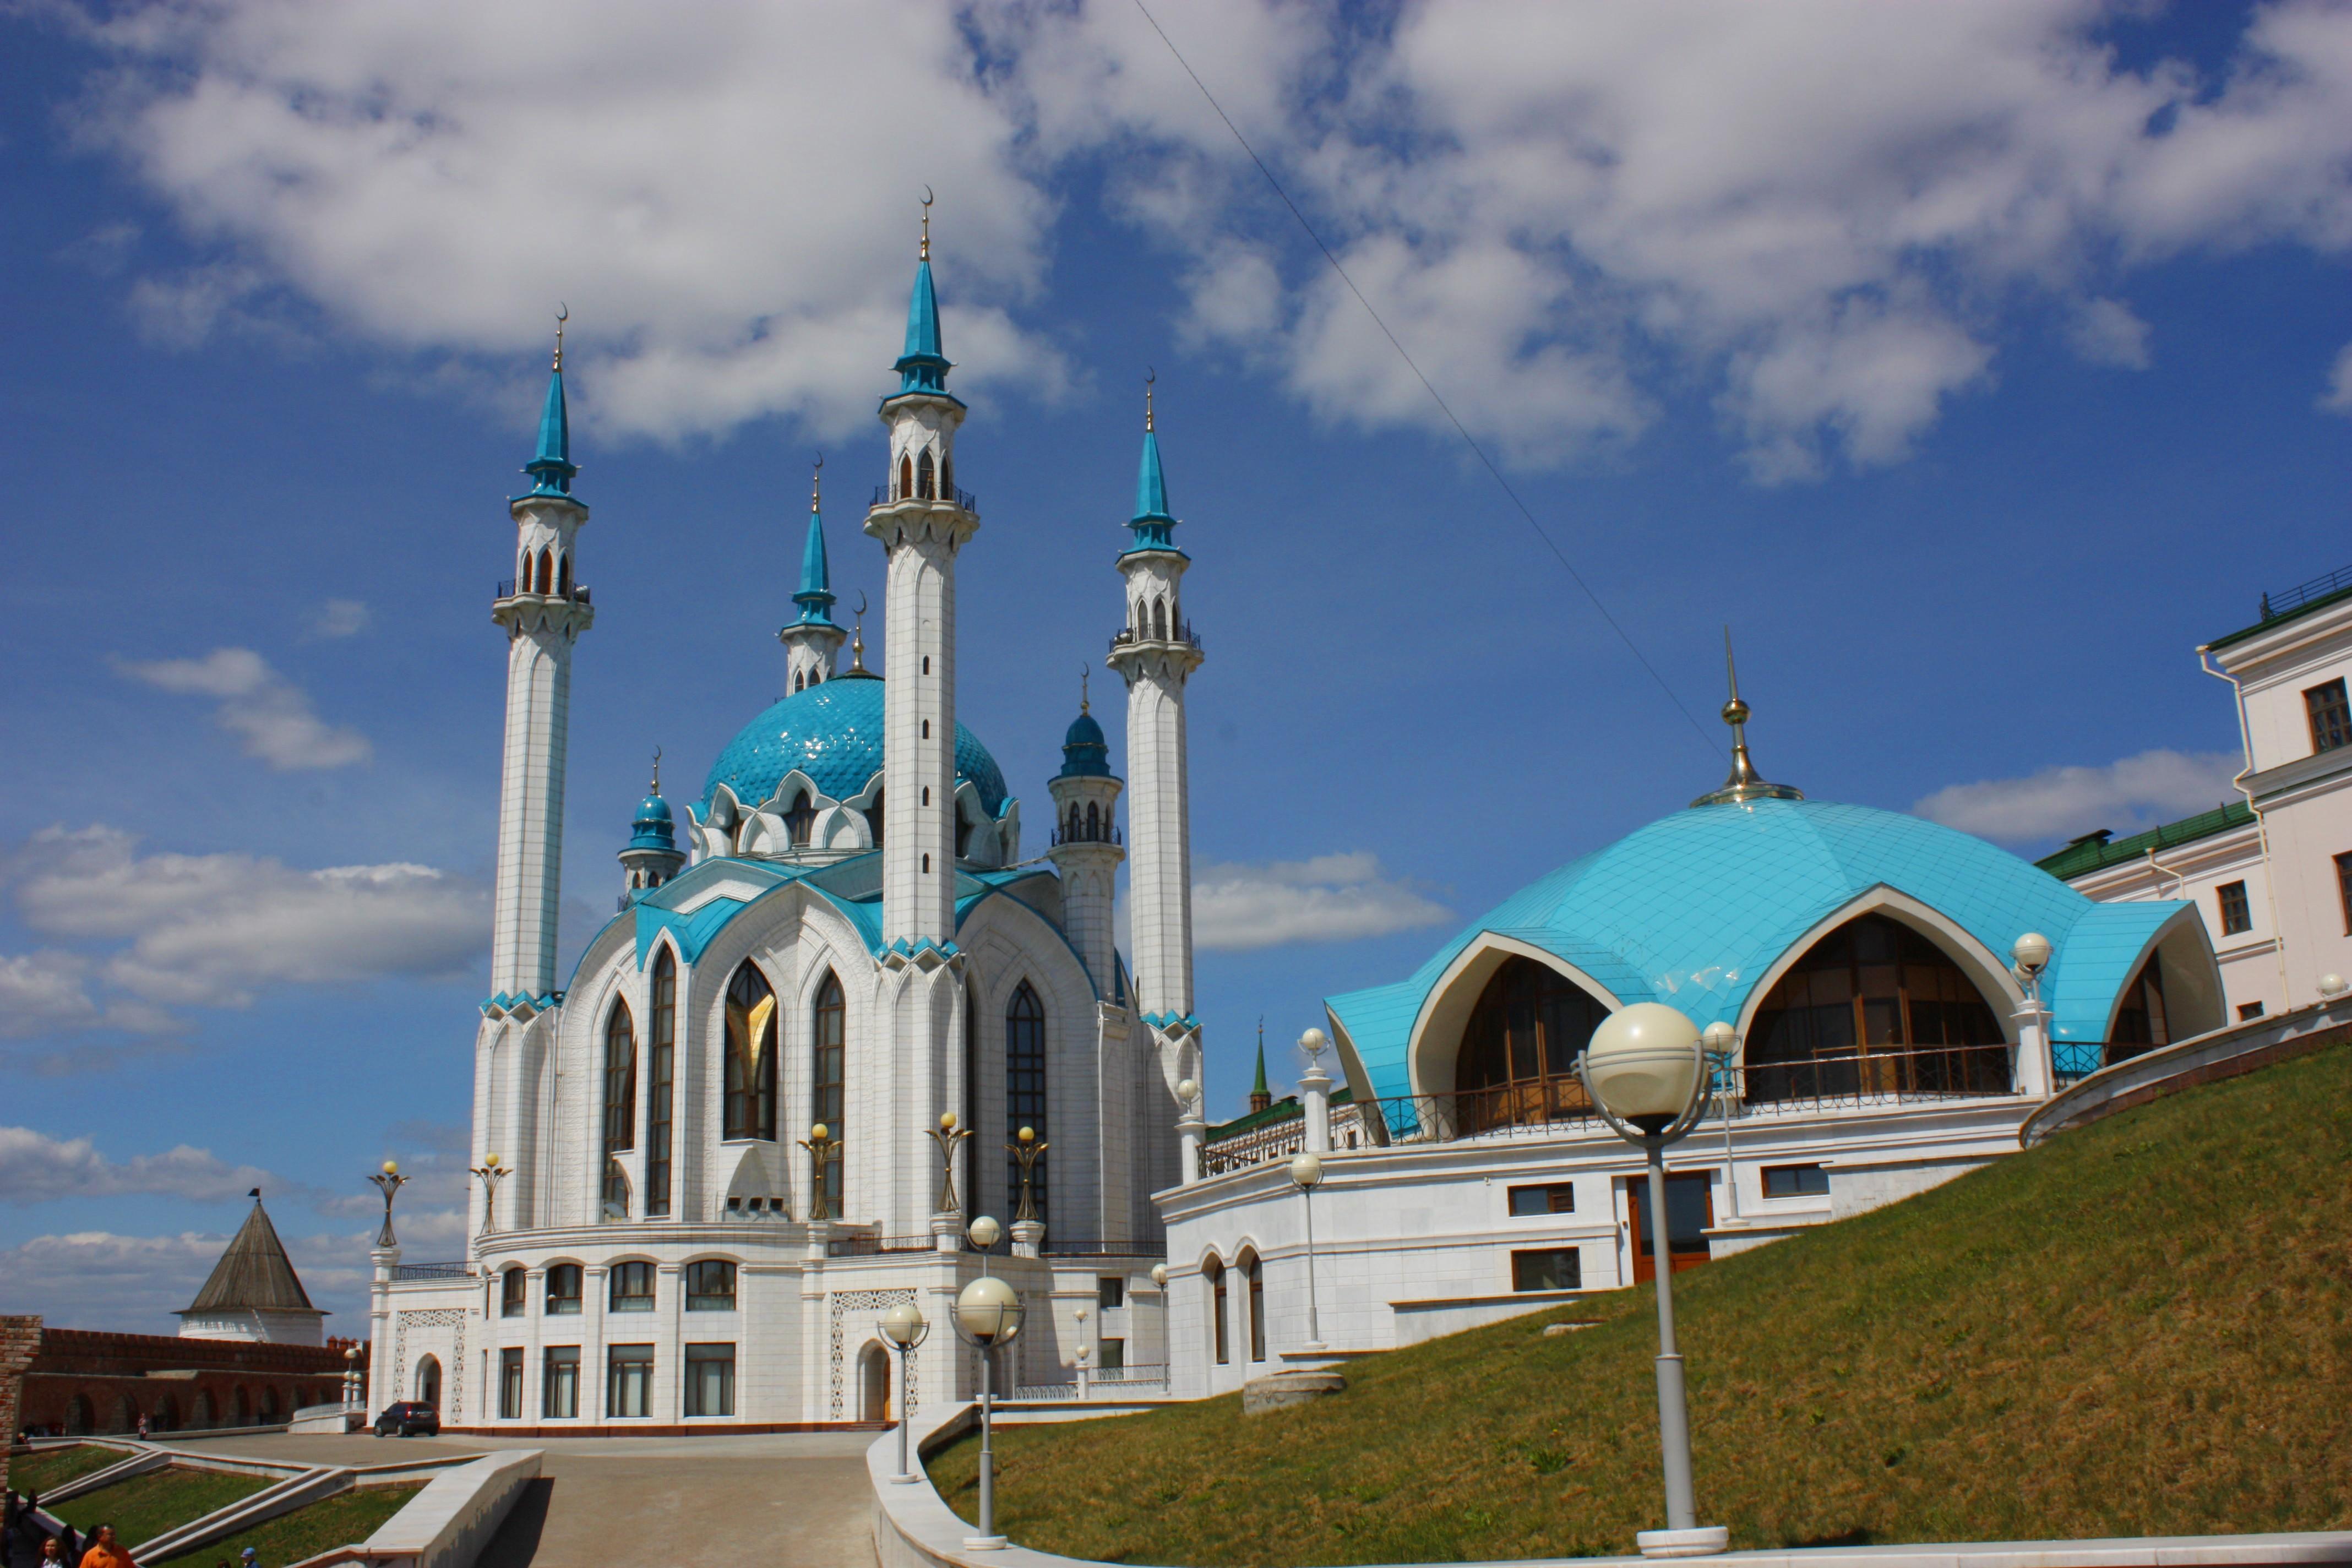 Imprimir Calendario Rusia 2019 Más Recientes islam En Rusia La Enciclopedia Libre